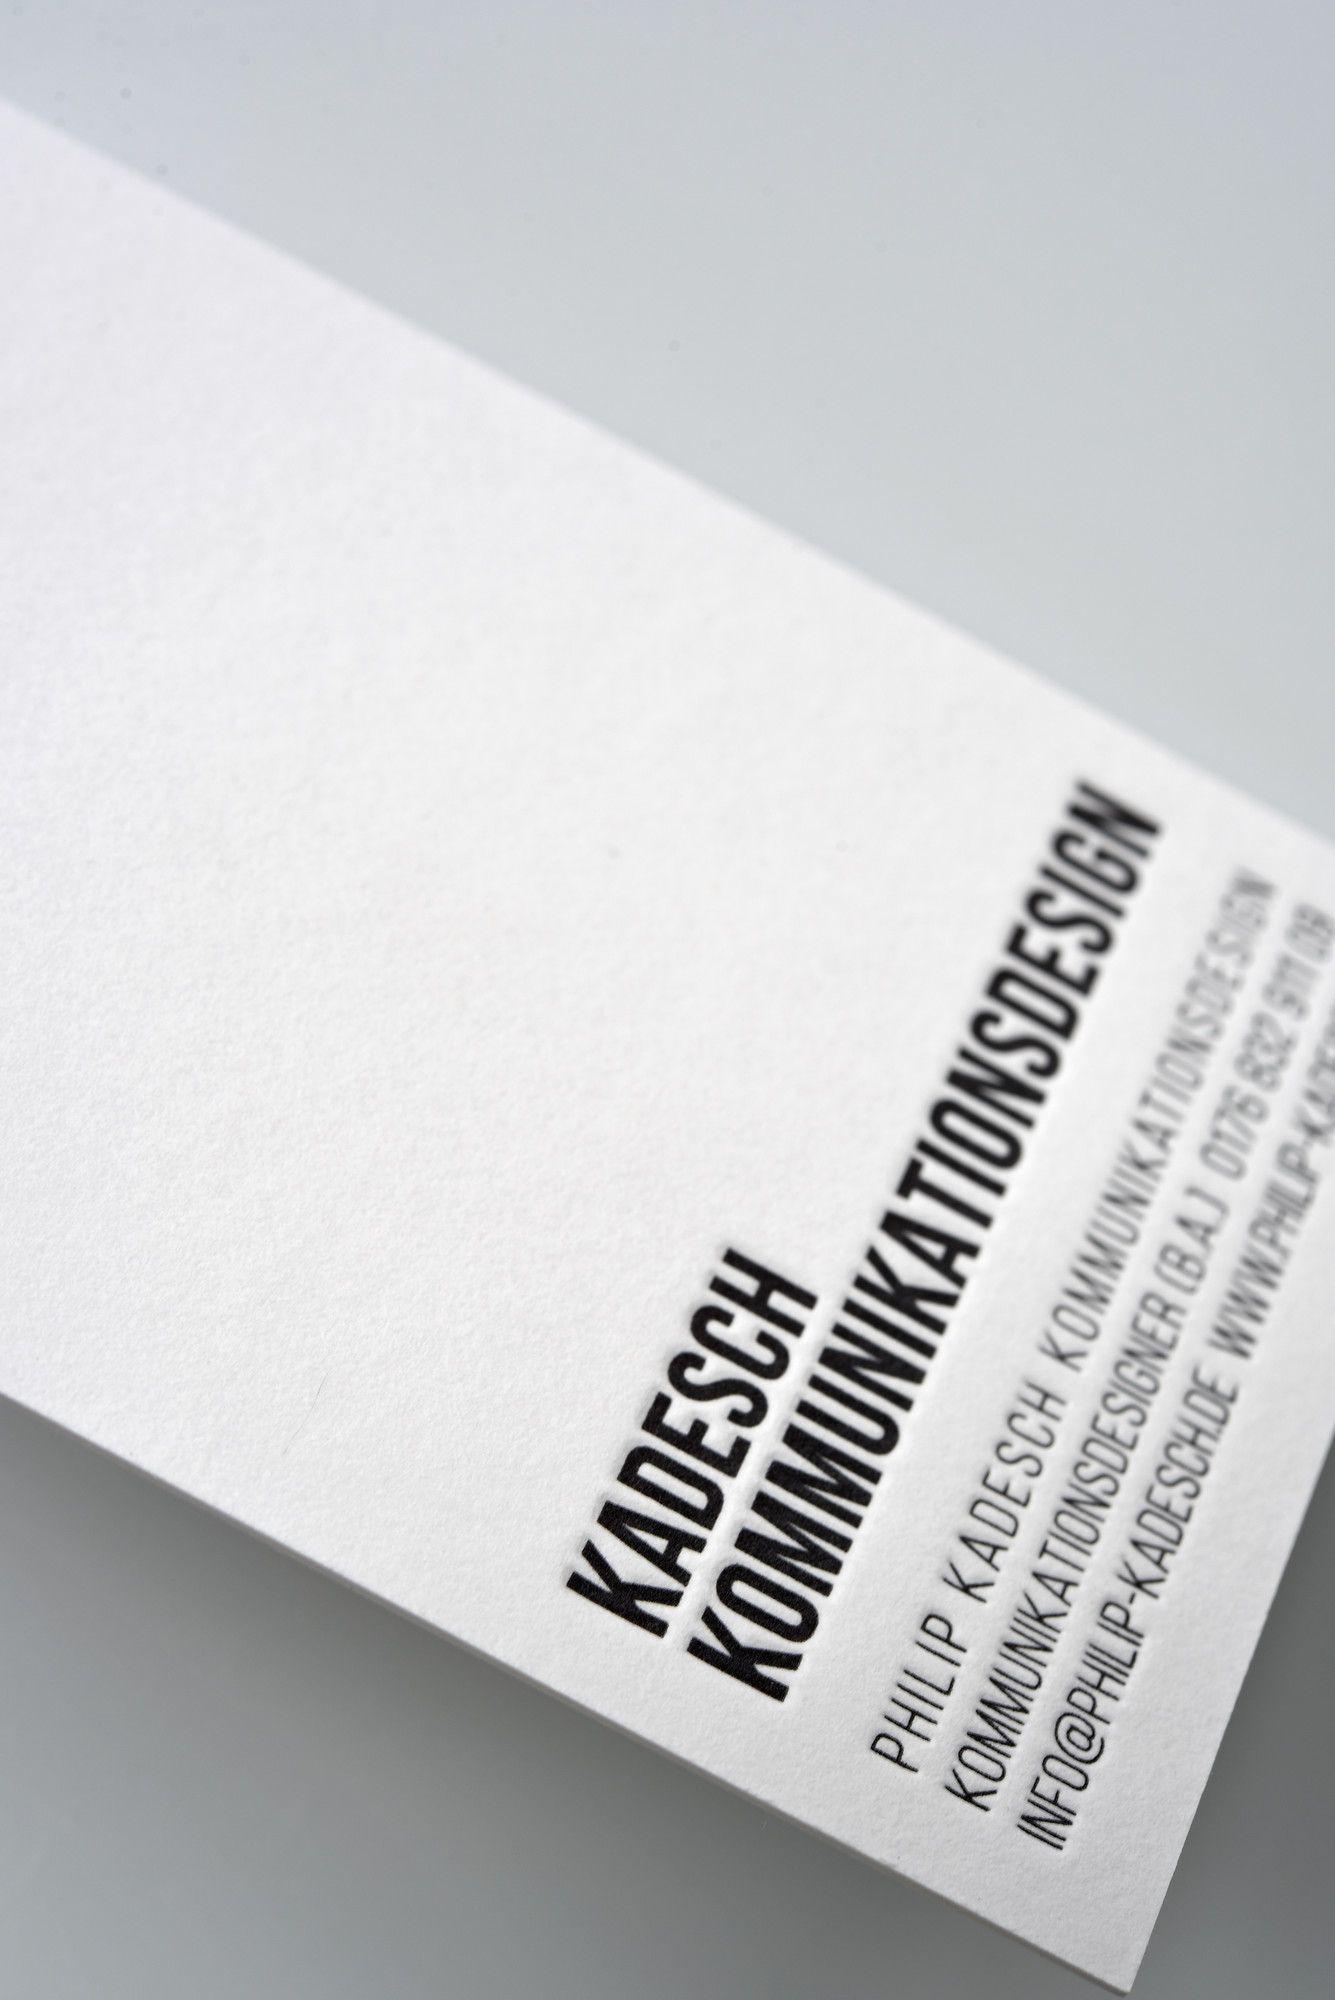 Wir Drucken Deine Letterpress Produkte Einfach Online